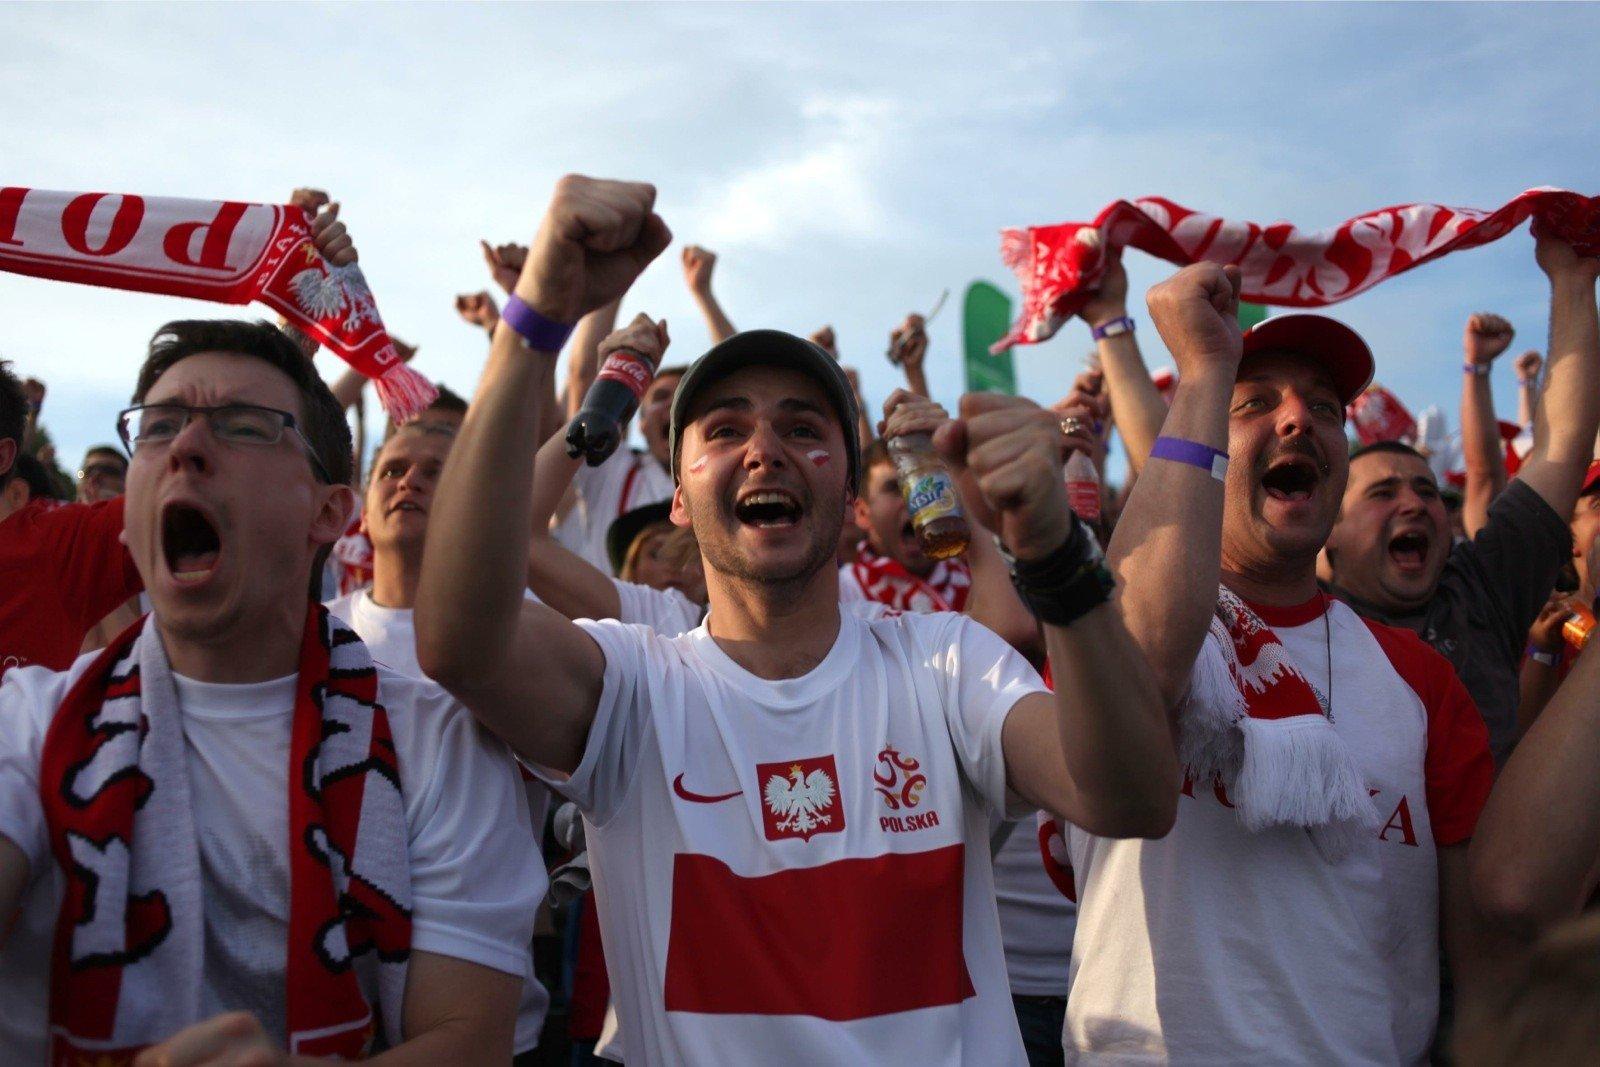 Strefy kibica w Krakowie. Gdzie oglądać EURO 2020 w Krakowie i kibicować naszej reprezentacji? [LISTA MIEJSC]   Gol24